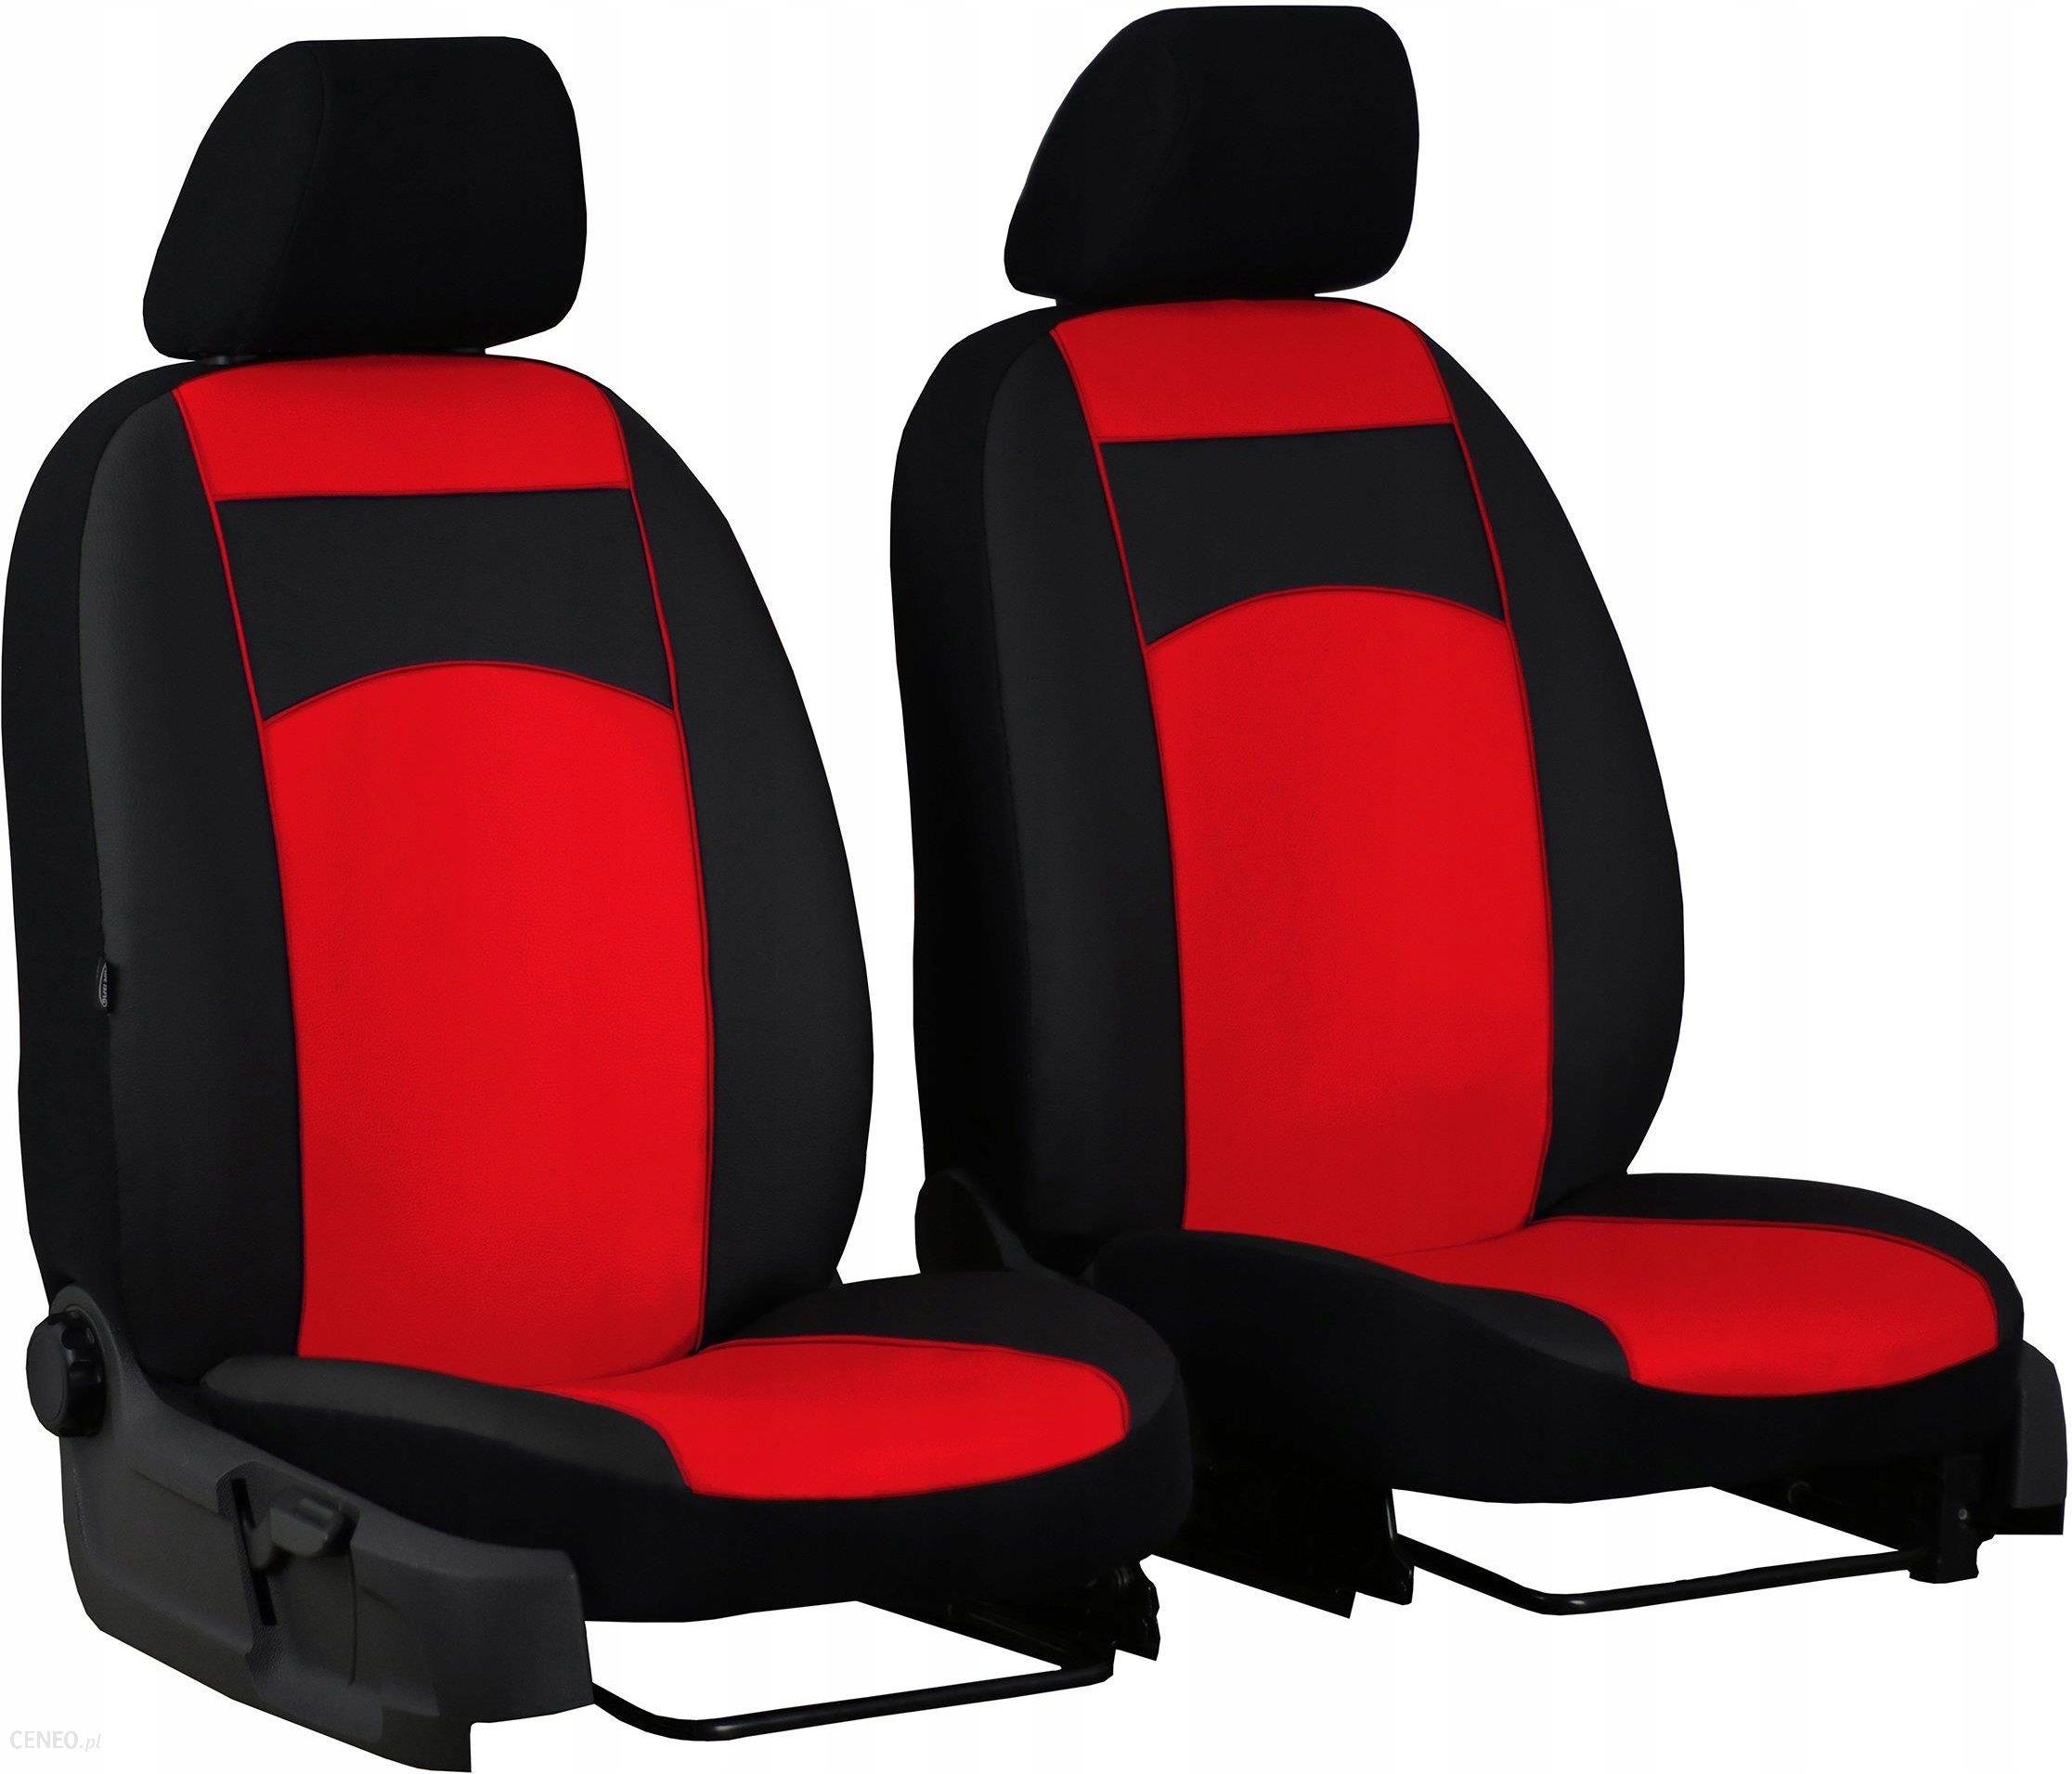 Pokrowiec Samochodowy Skórzane Pokrowce Na Fotele Fiat Ducato 1 Bus 11 Opinie I Ceny Na Ceneopl